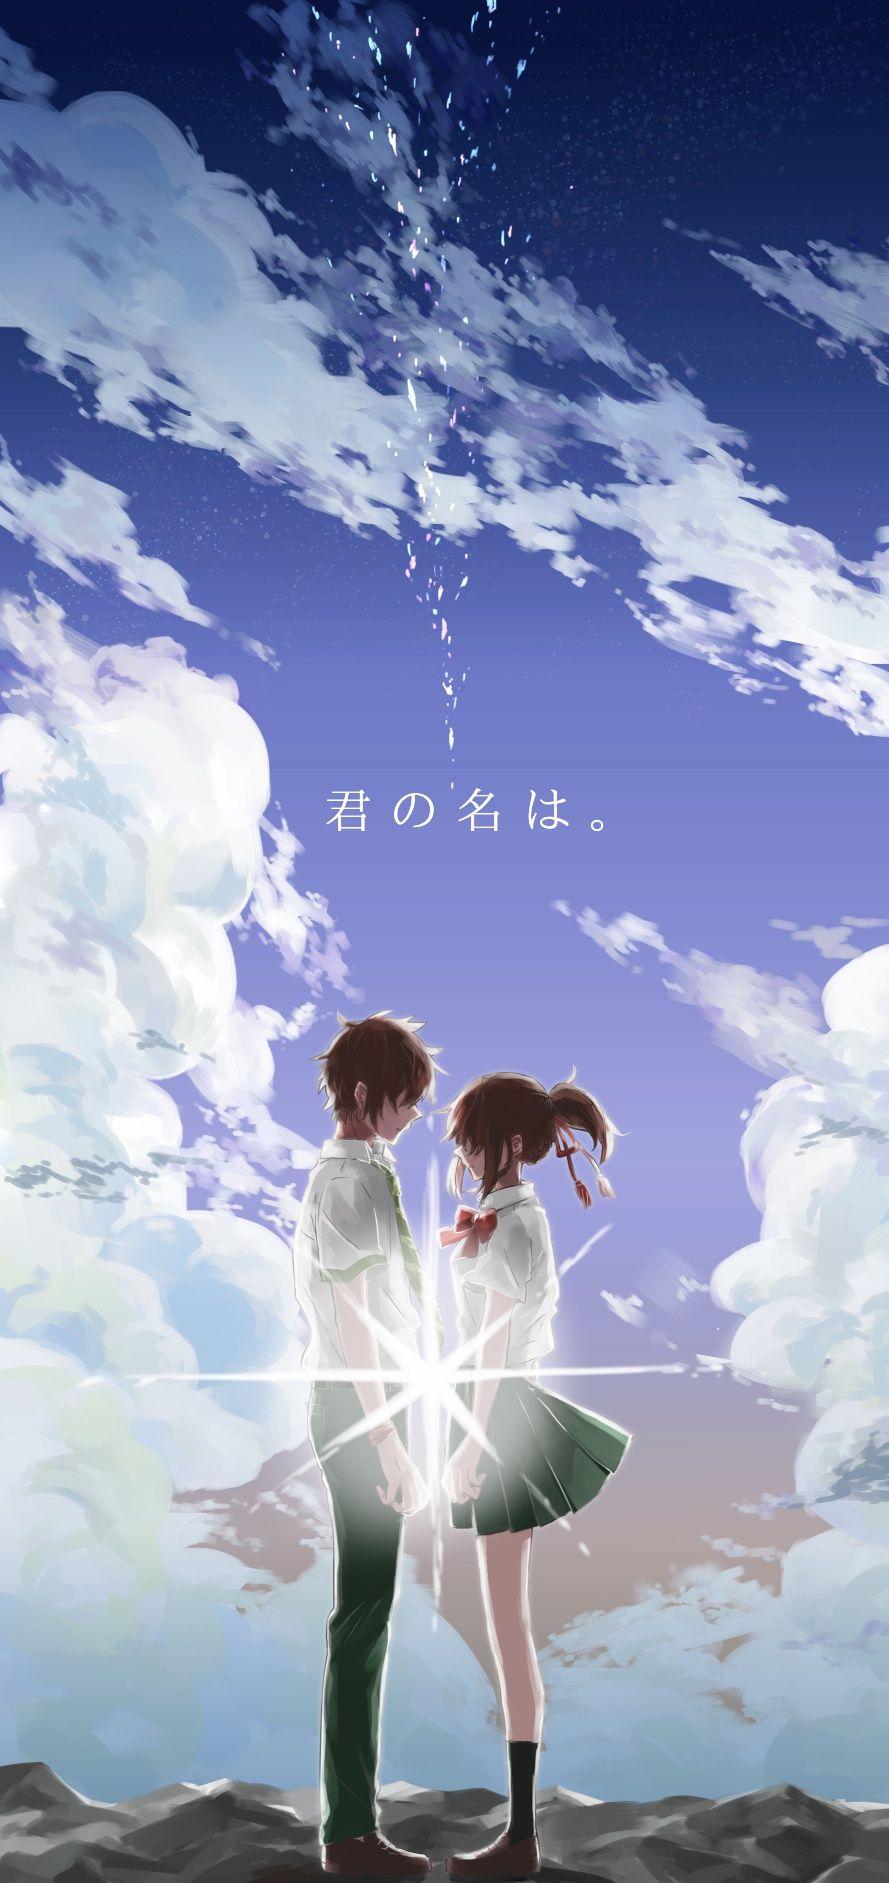 Kimi No Na Wa Best Anime Movie